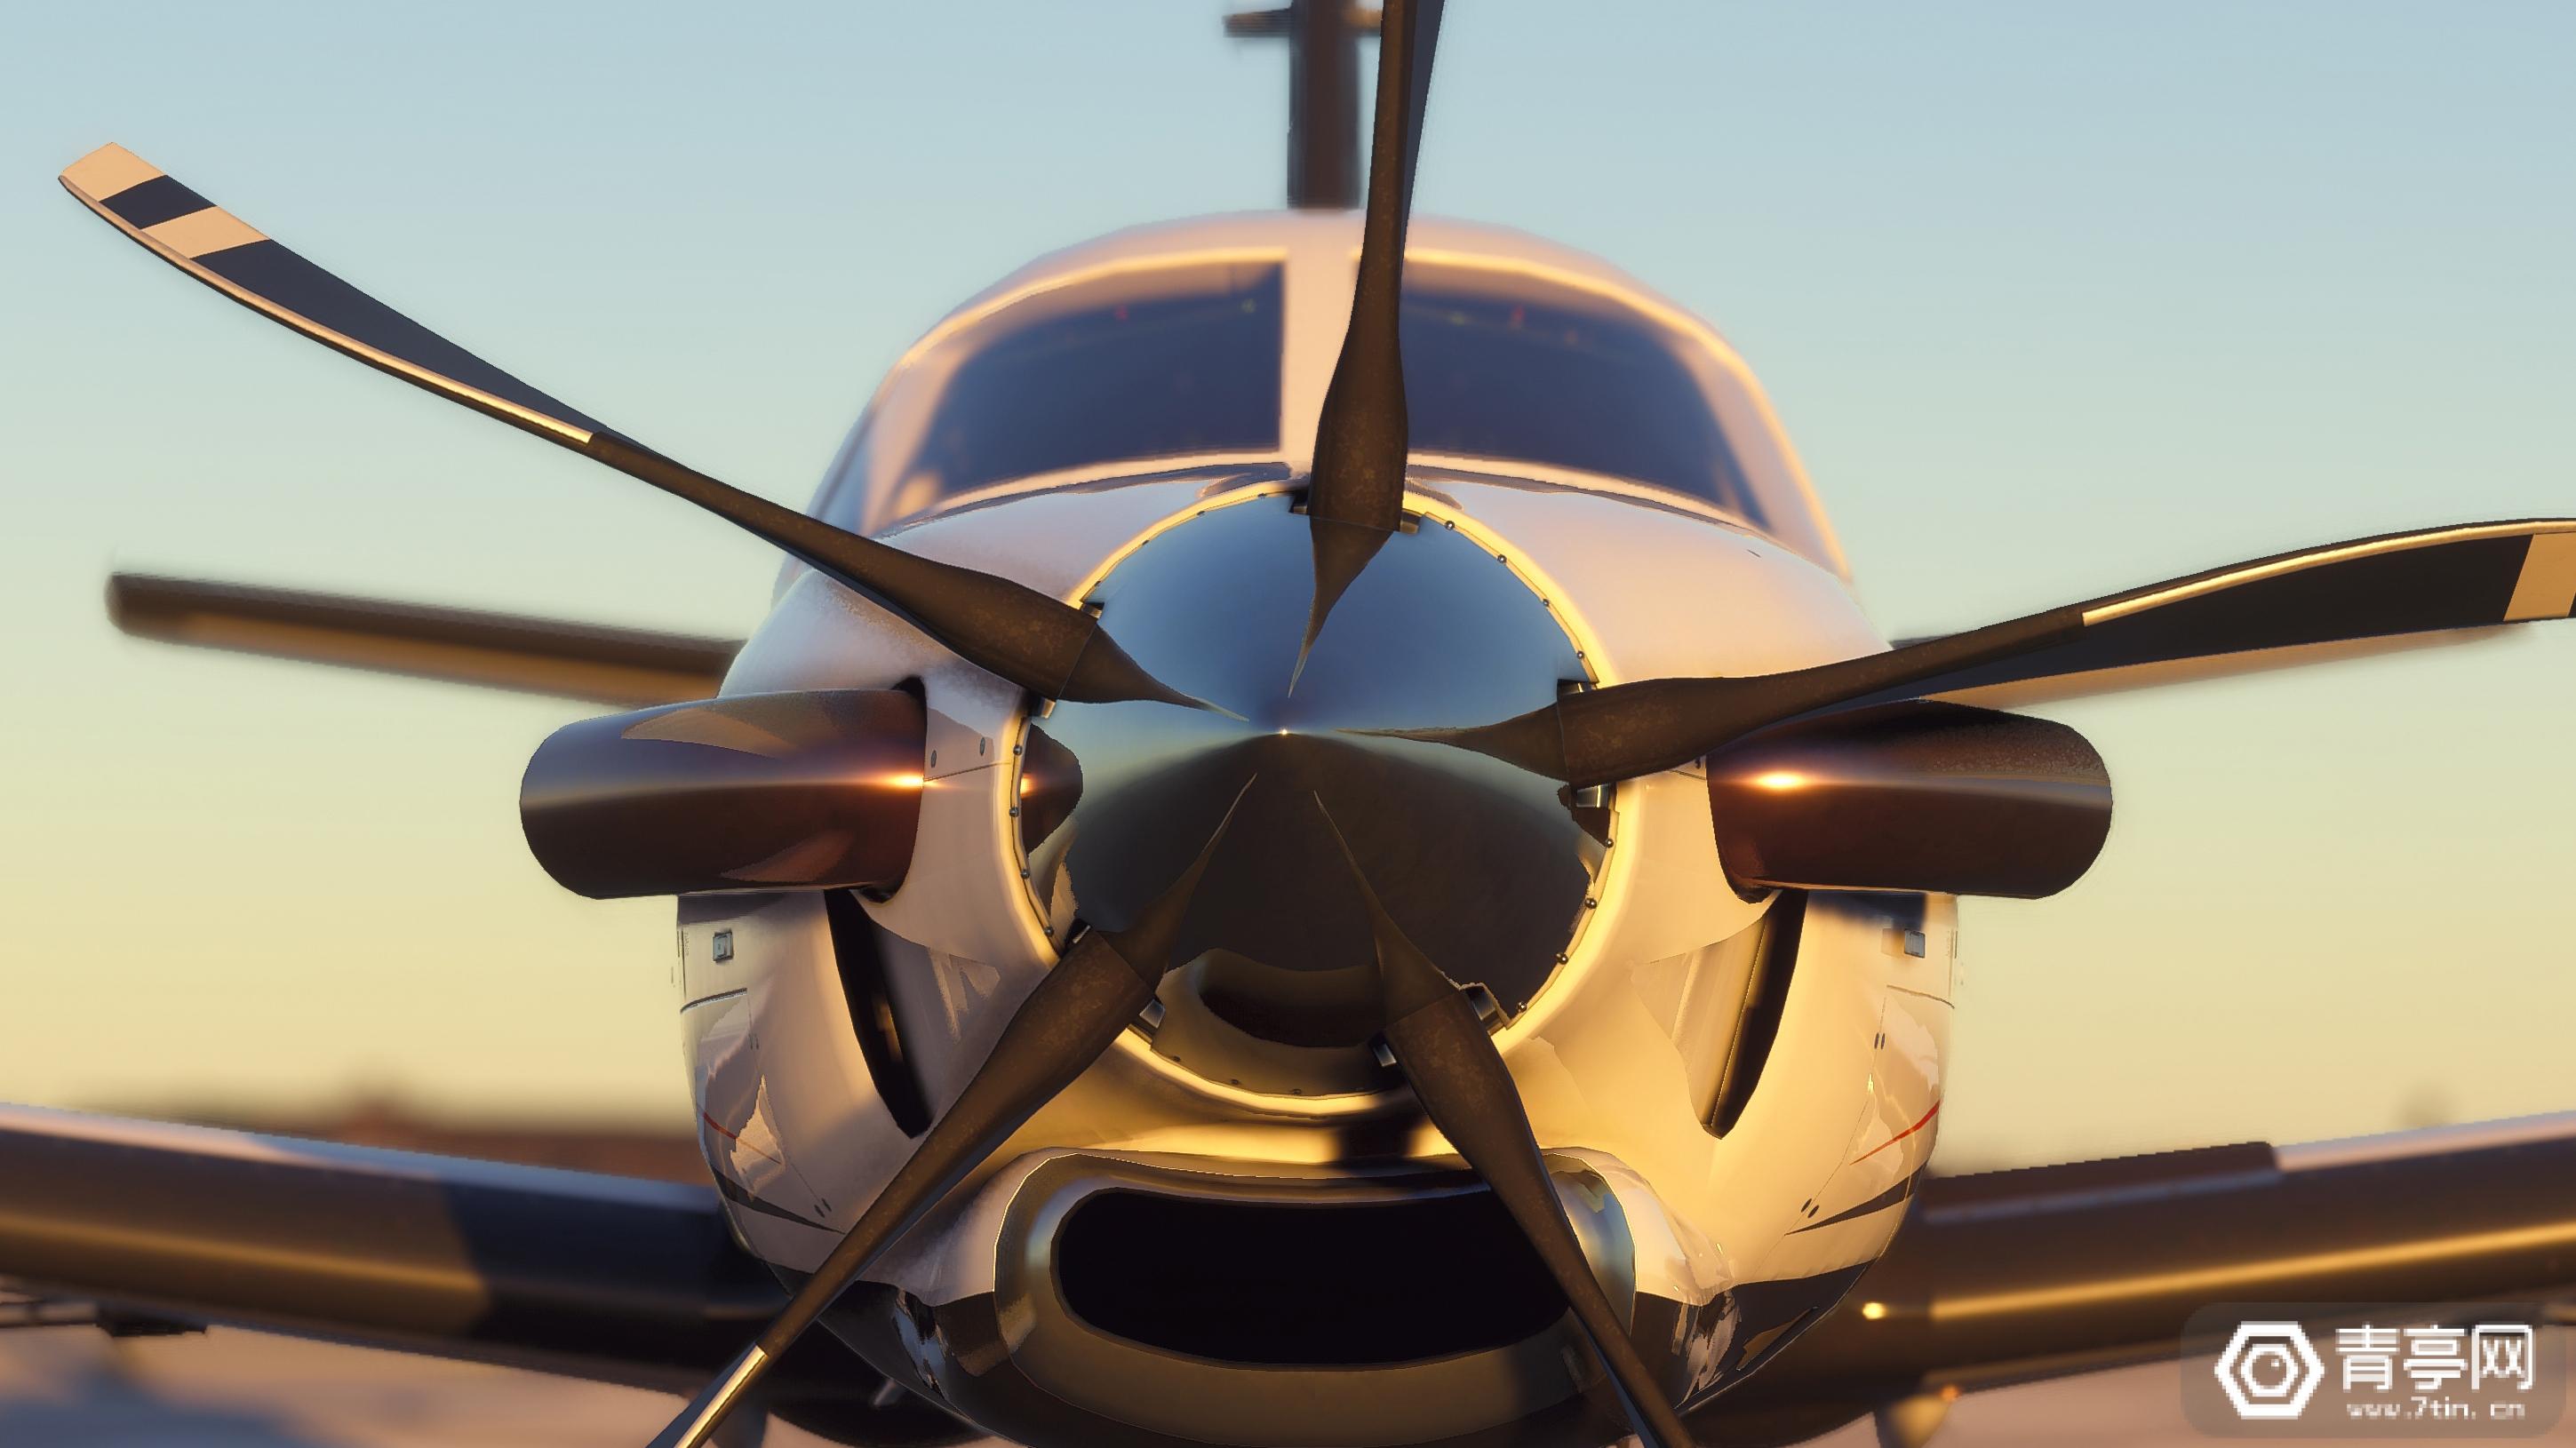 微软高管:《微软新模拟飞行》后续或支持VR模式